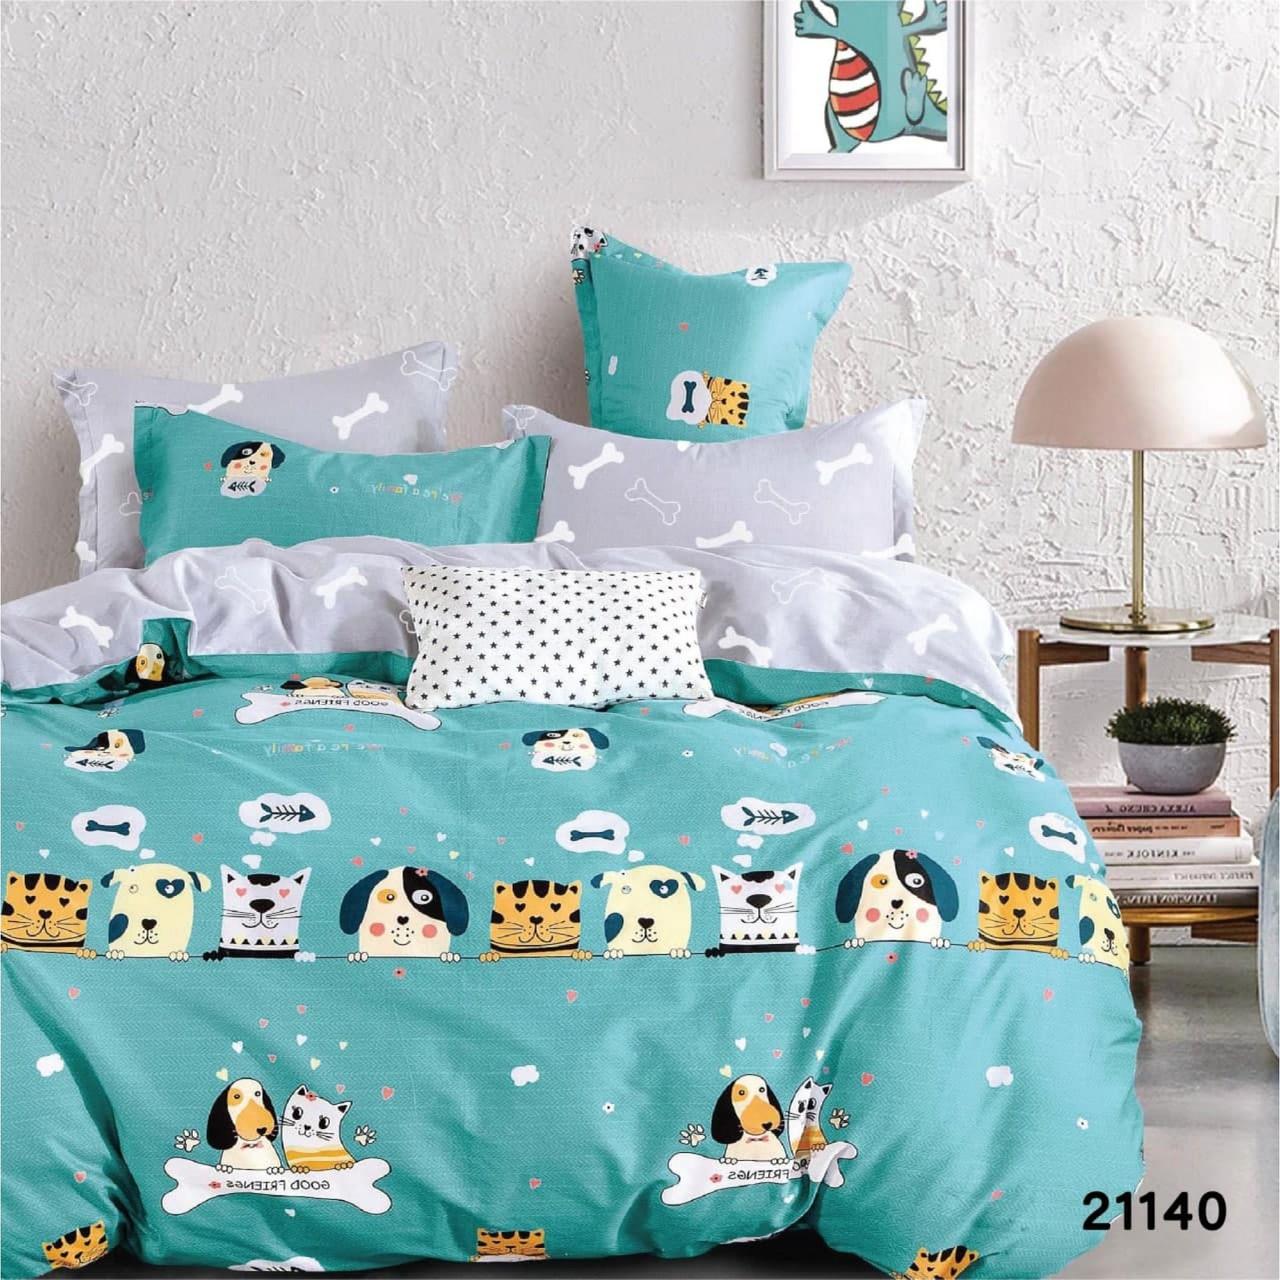 Комплект постельного белья подростковый ранфорс ТМ Вилюта